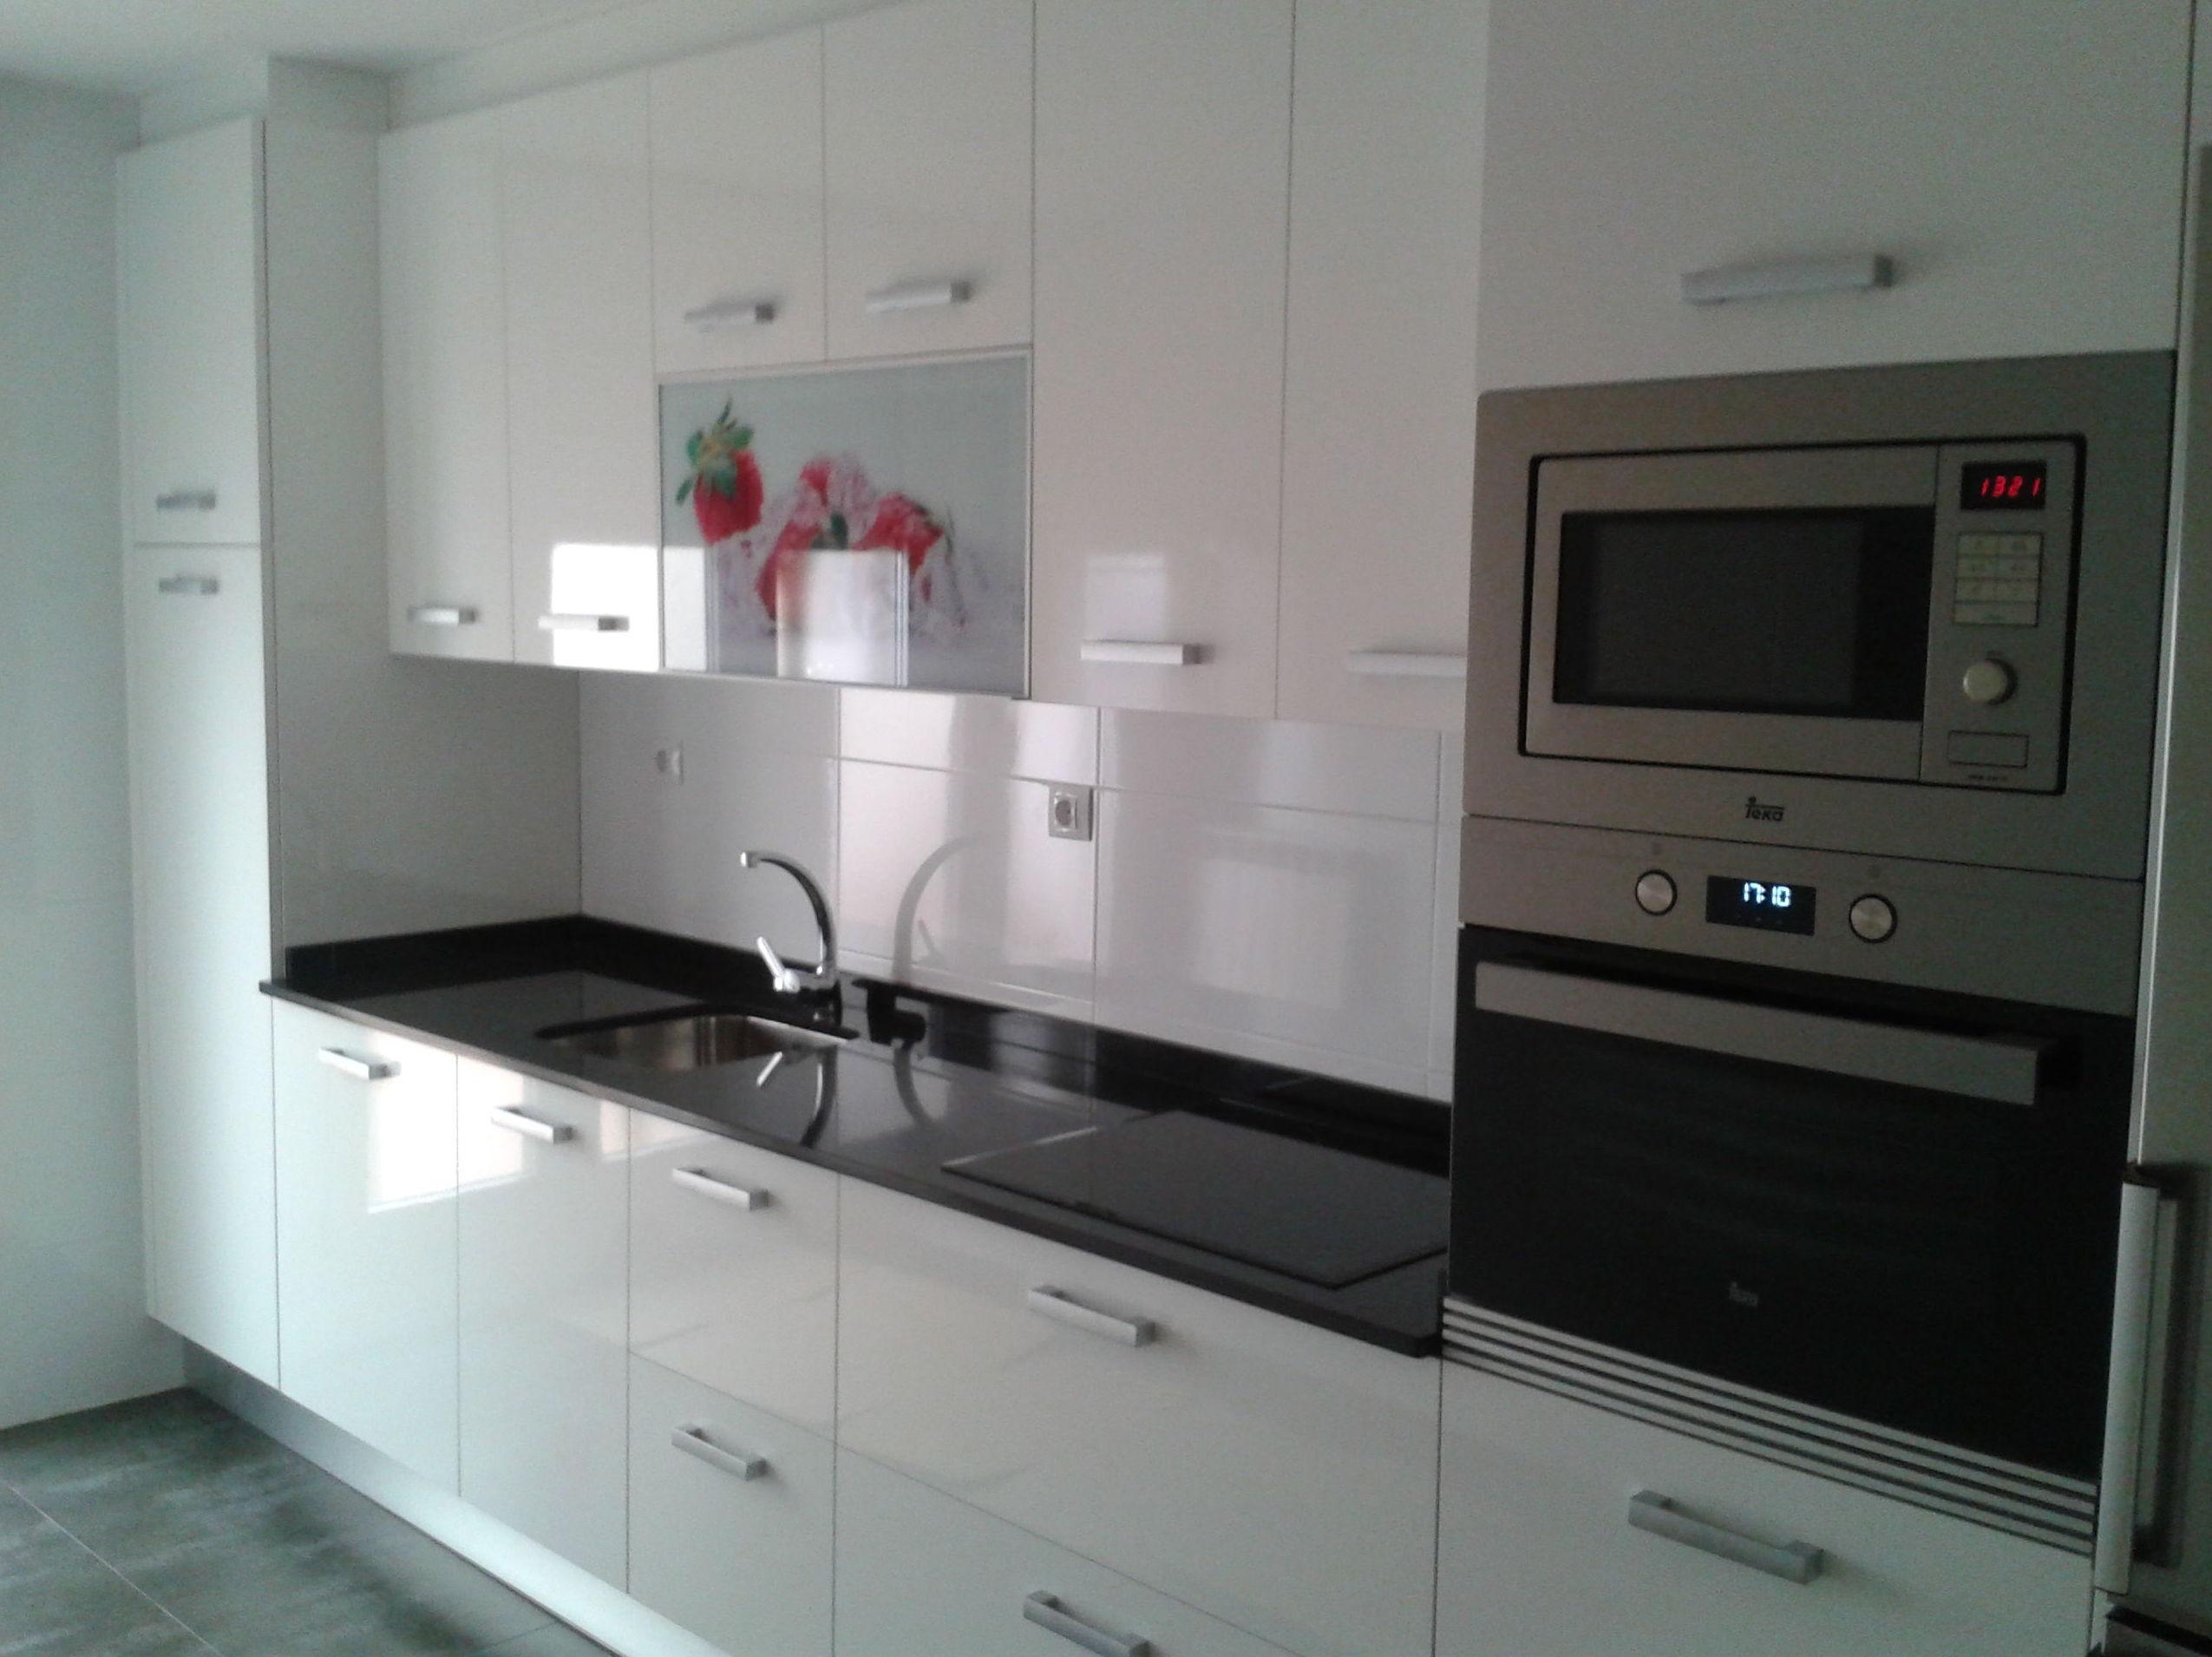 Foto 55 de Muebles de baño y cocina en Logroño | Electrodomésticos Waldy